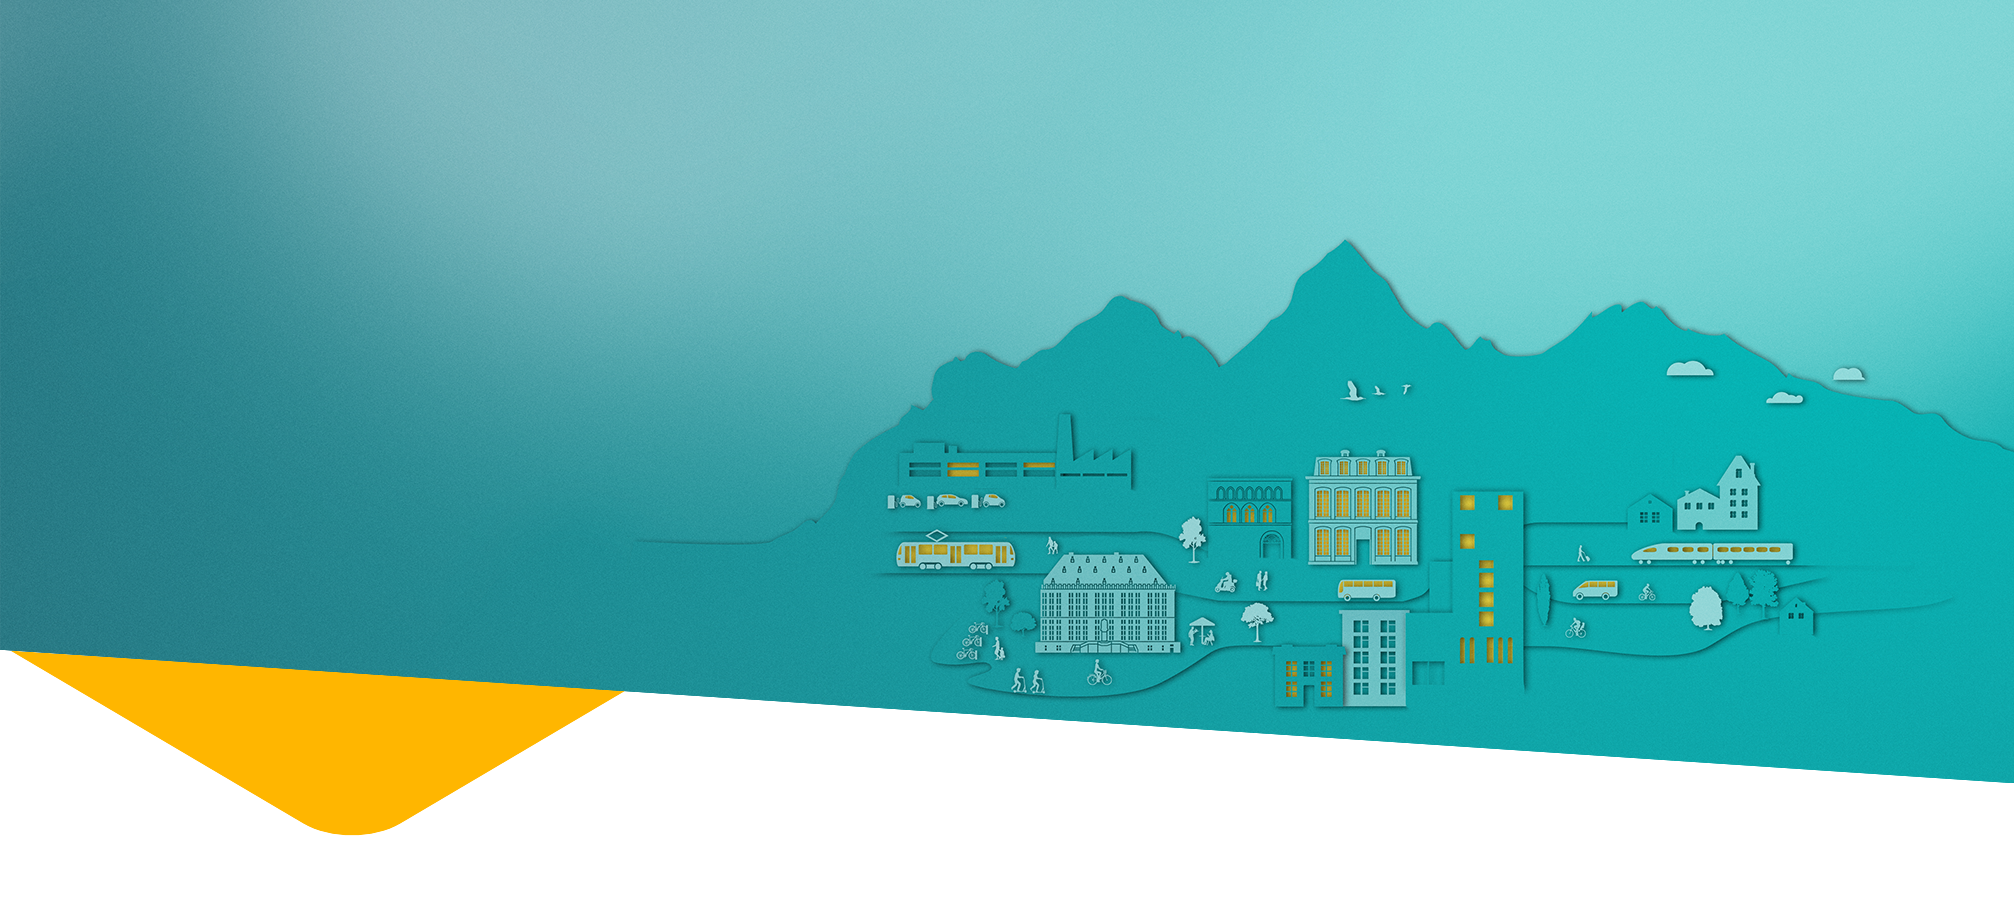 Better Mobility - Ihre Stadt schlau vernetzt